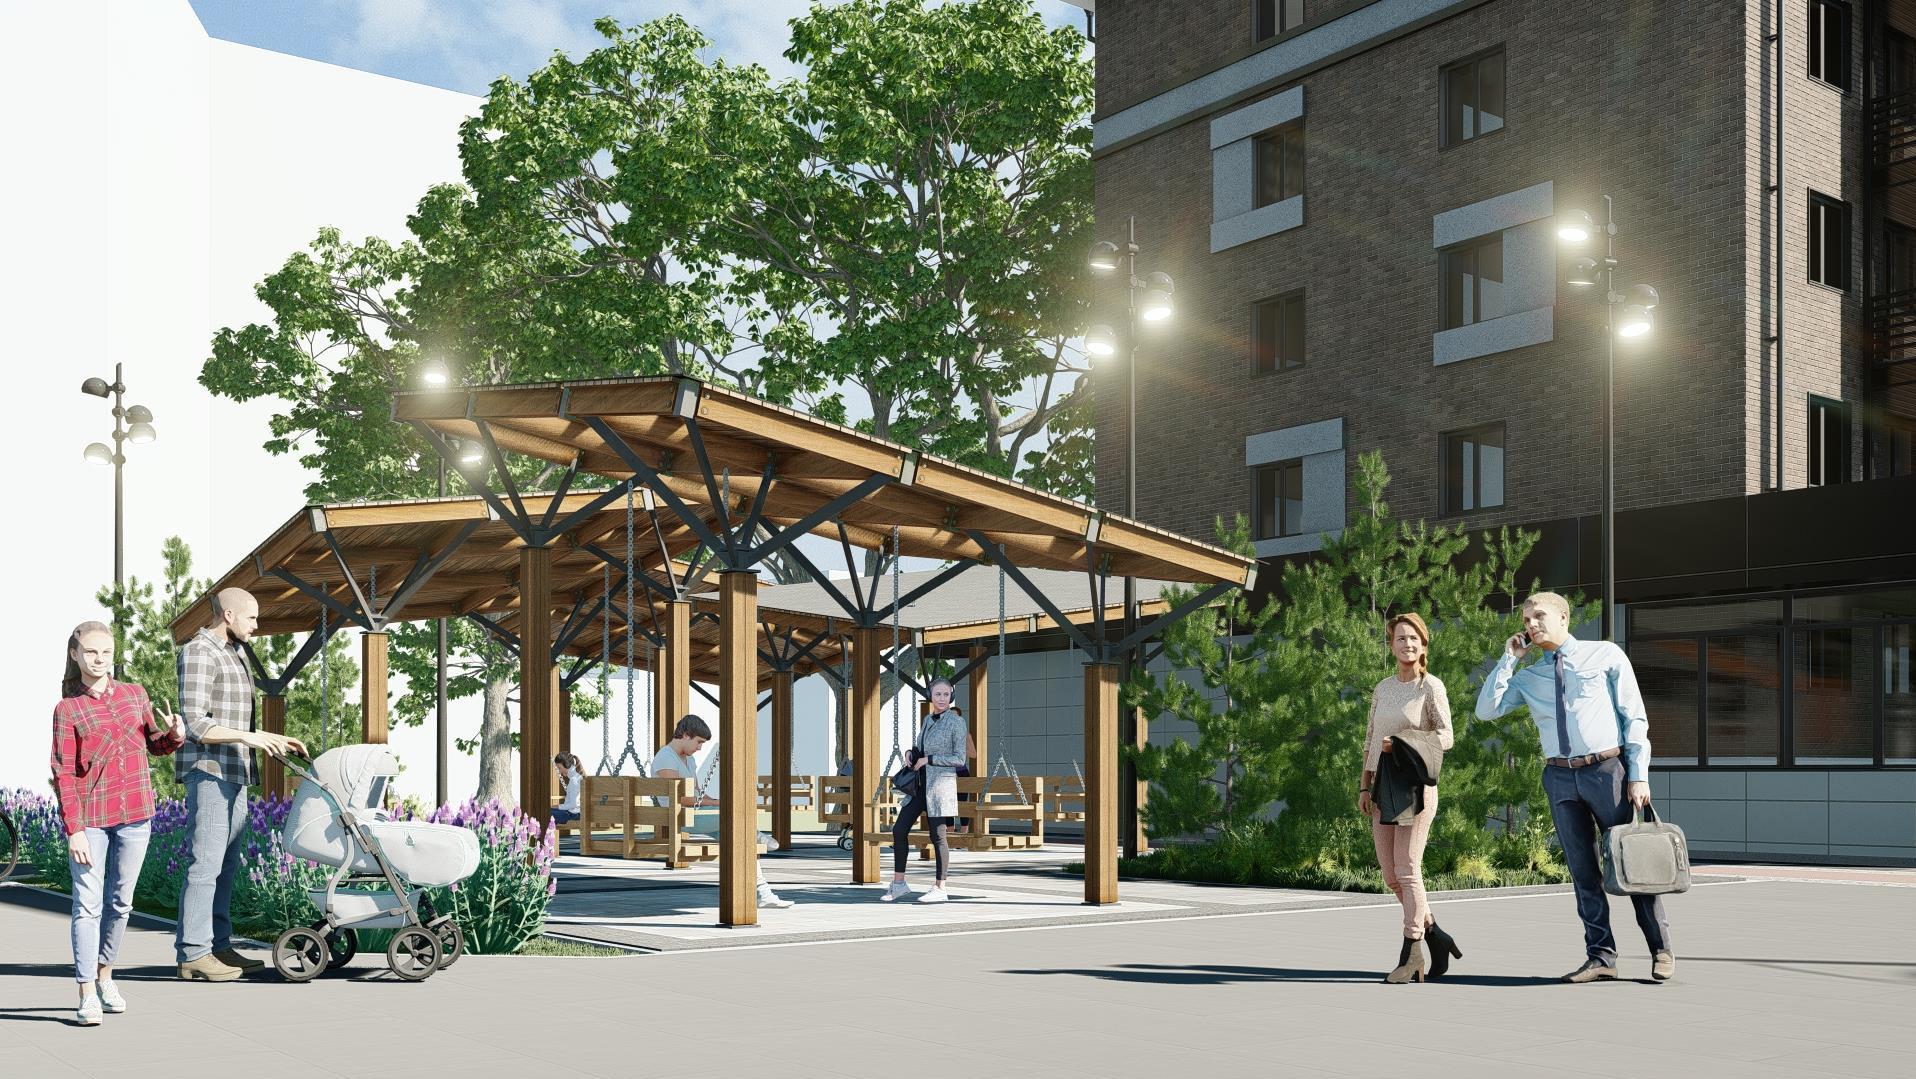 На перекрестке проспекта с улицей Космической архитекторы предложили создать полноценную общественную зону